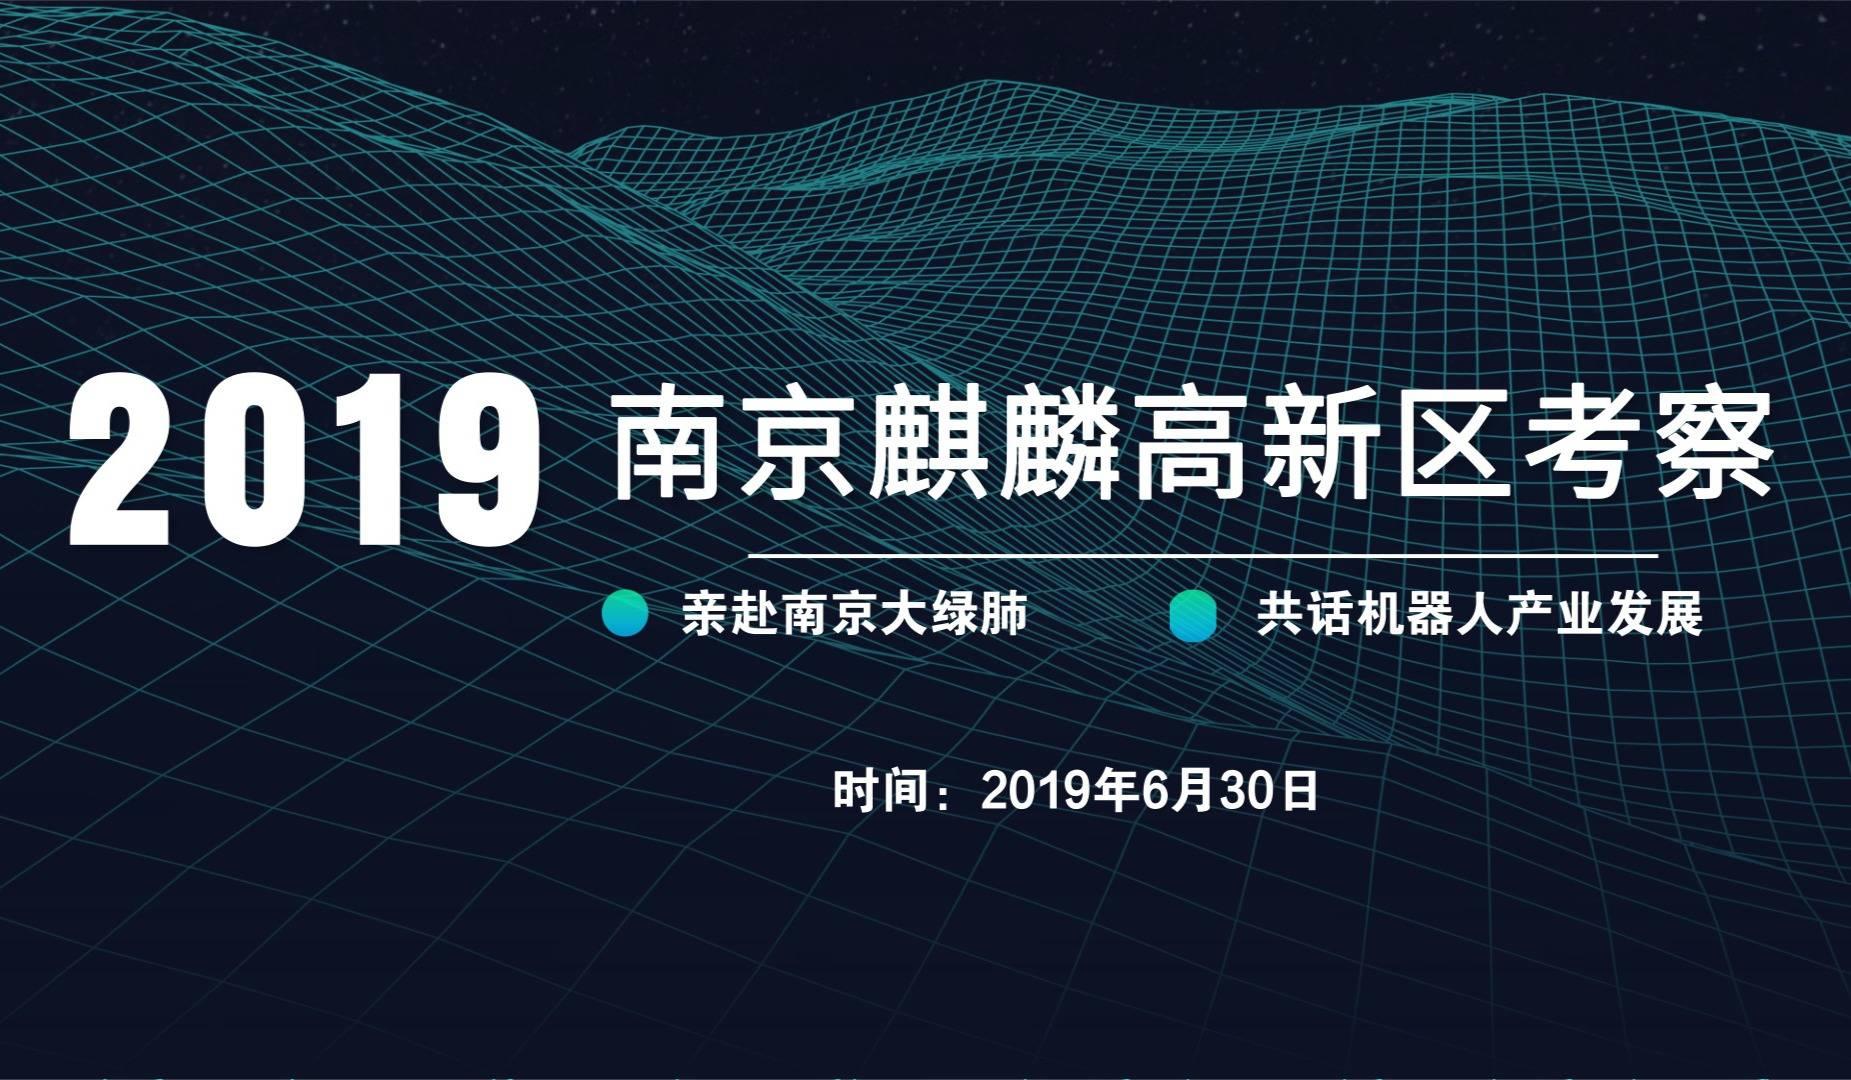 """互动吧-考察报名 6月30号 亲赴南京""""大绿肺?#20445;?#20849;促机器人产业资源协作与共融"""